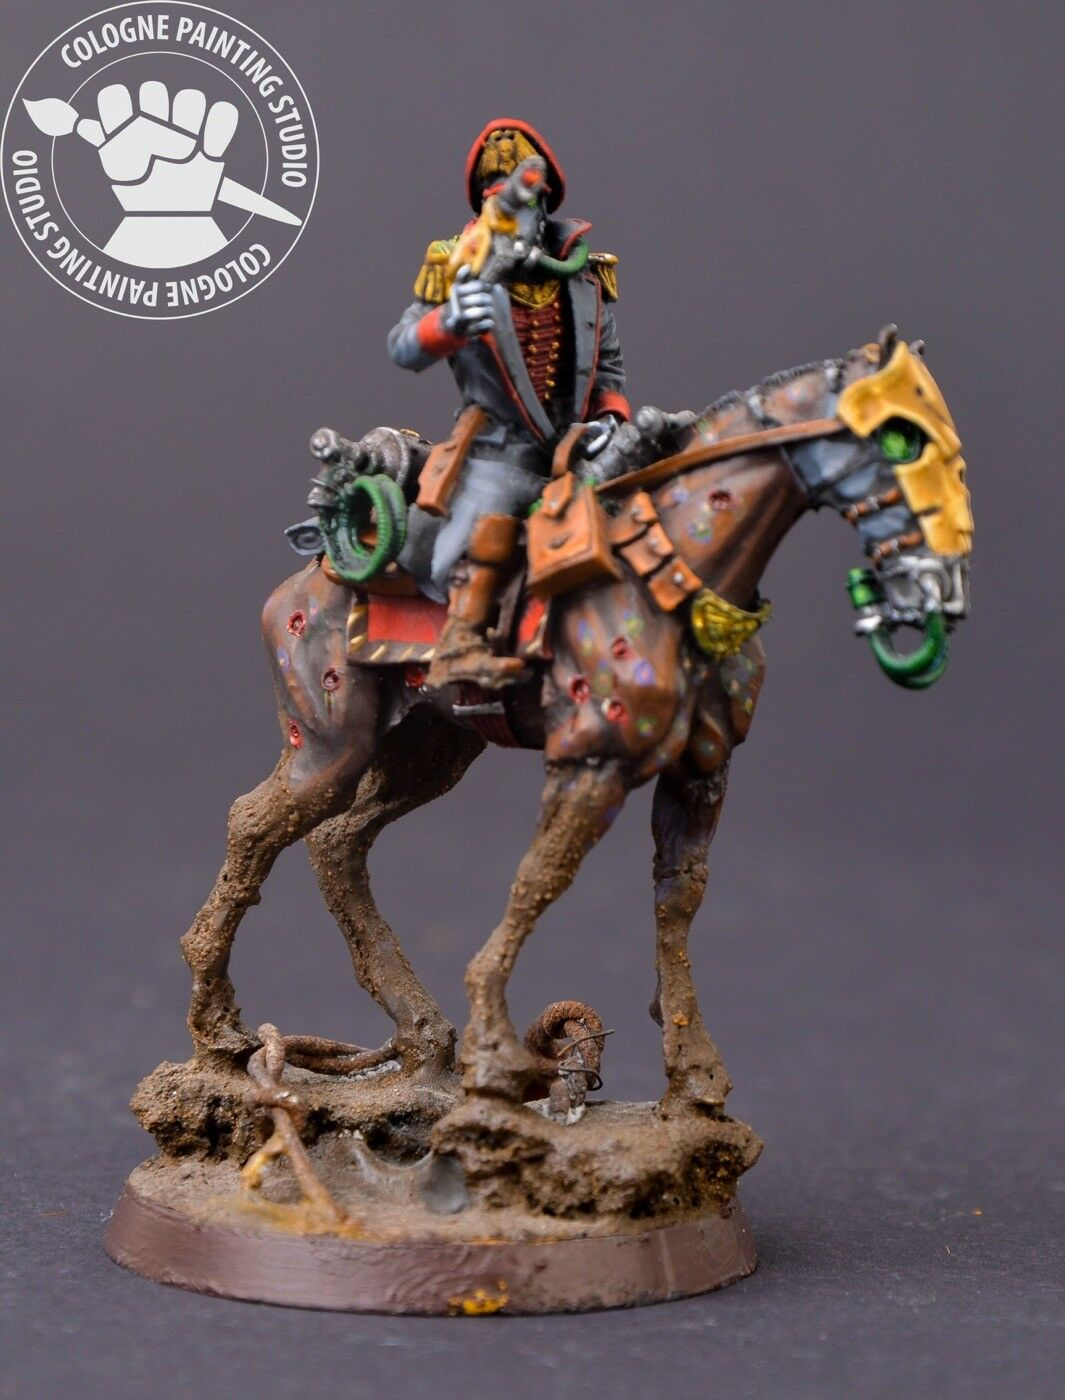 Warhammer 40k. Imperium. Death Korps Korps Korps of Krieg Rider Commissar 604273